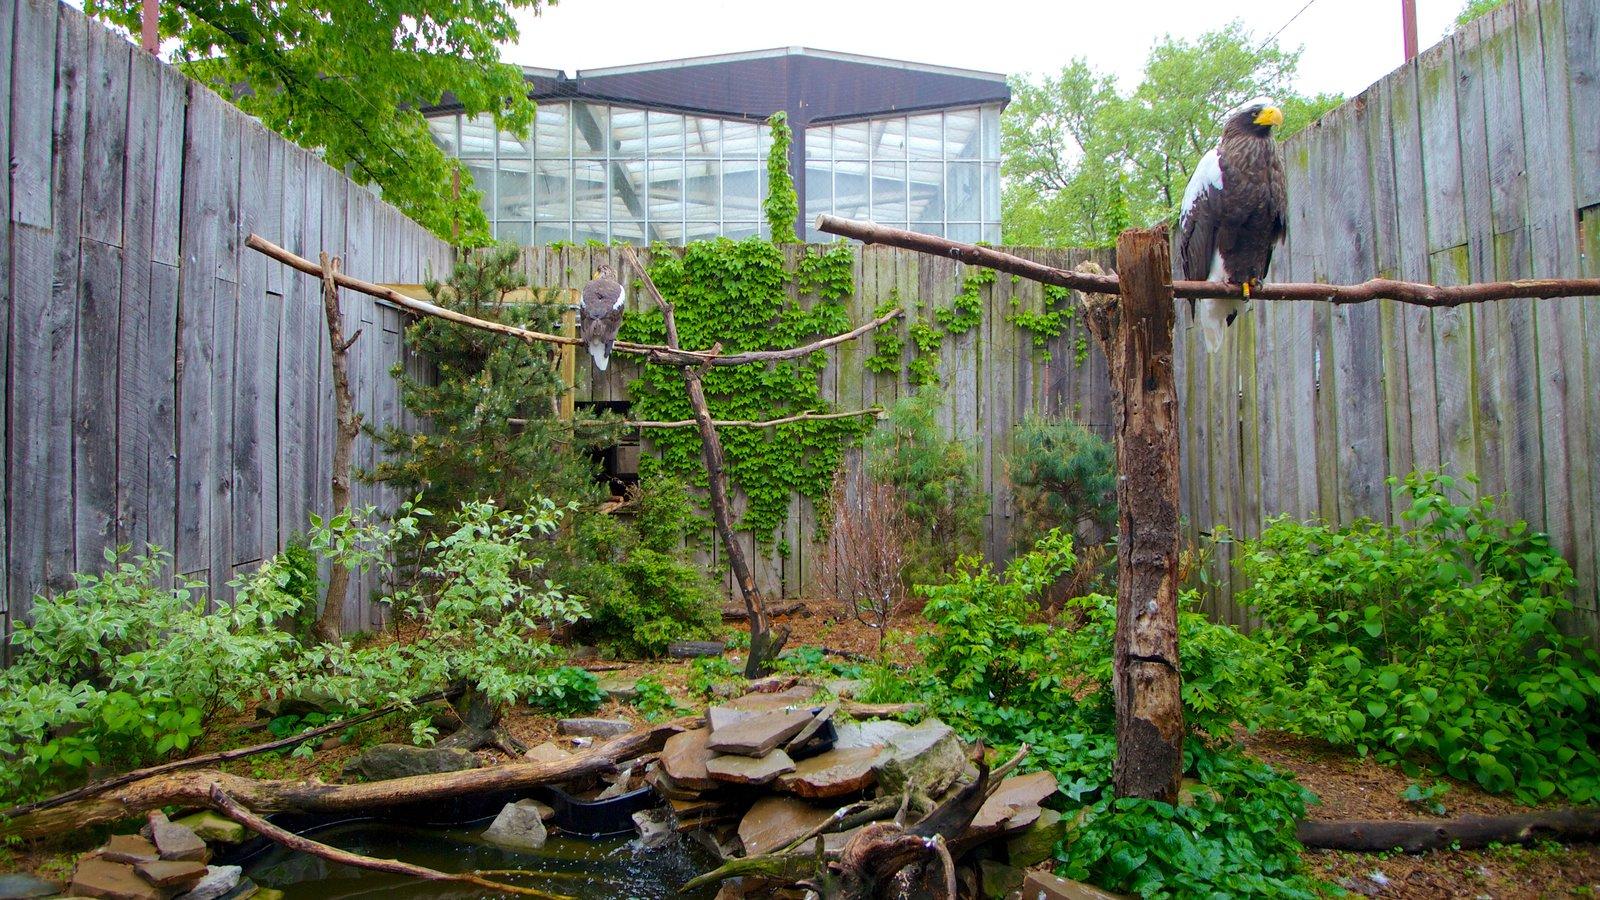 National Aviary mostrando animais de zoológico e vida das aves